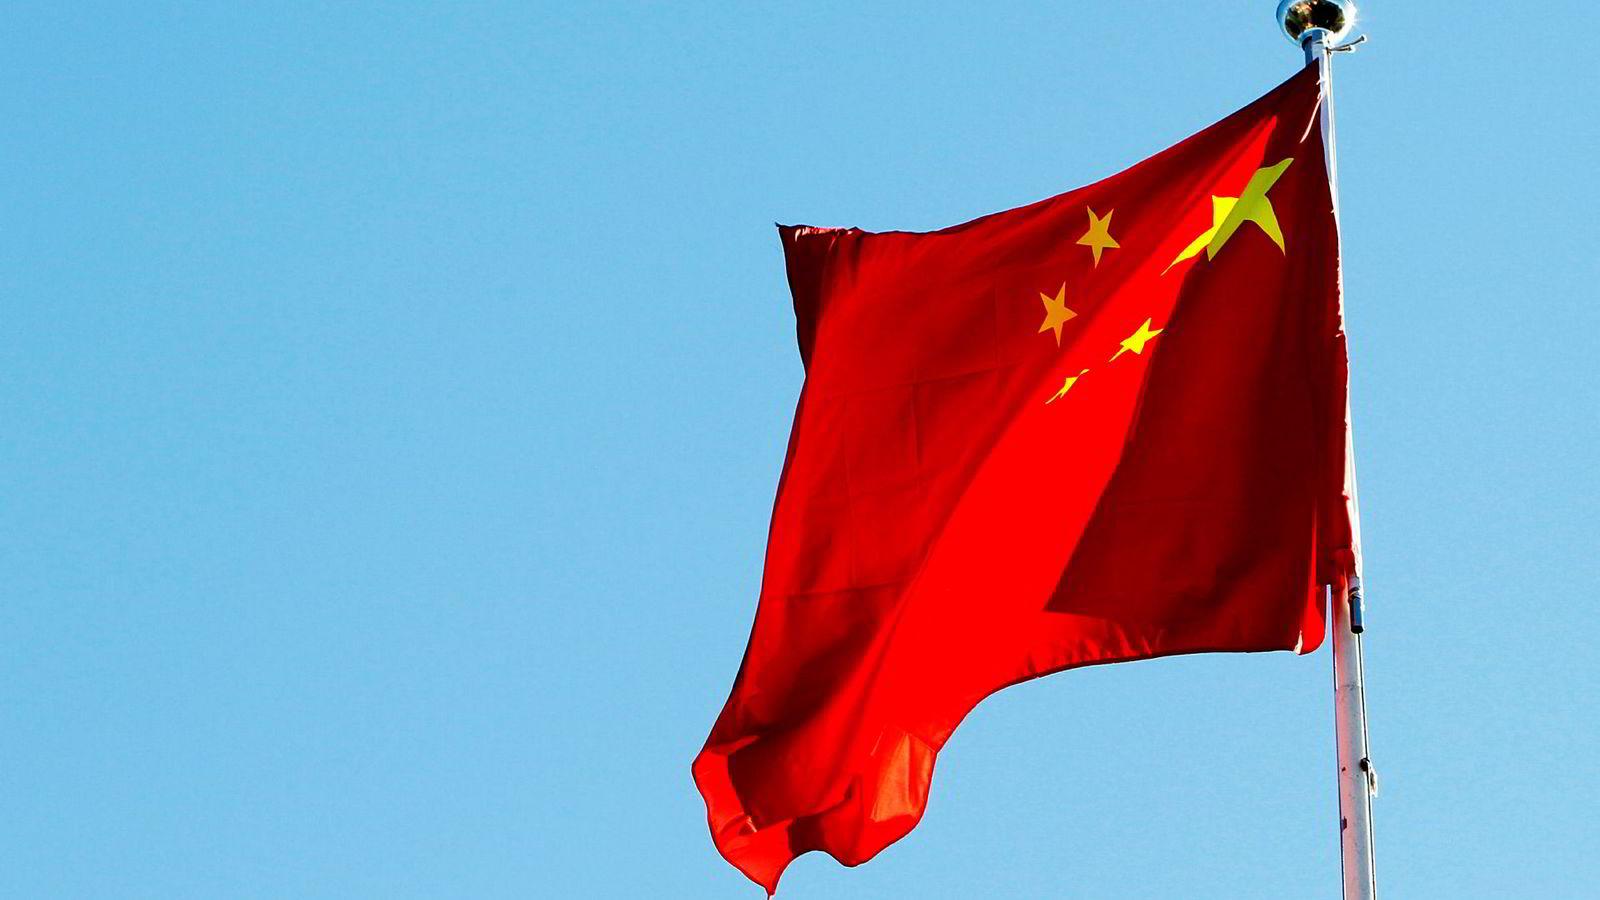 Kina har aldri har forstyrret eller blandet seg i norsk innenrikspolitiske saker, ifølge en uttalelse fra den kinesiske ambassaden i Oslo mandag kveld.